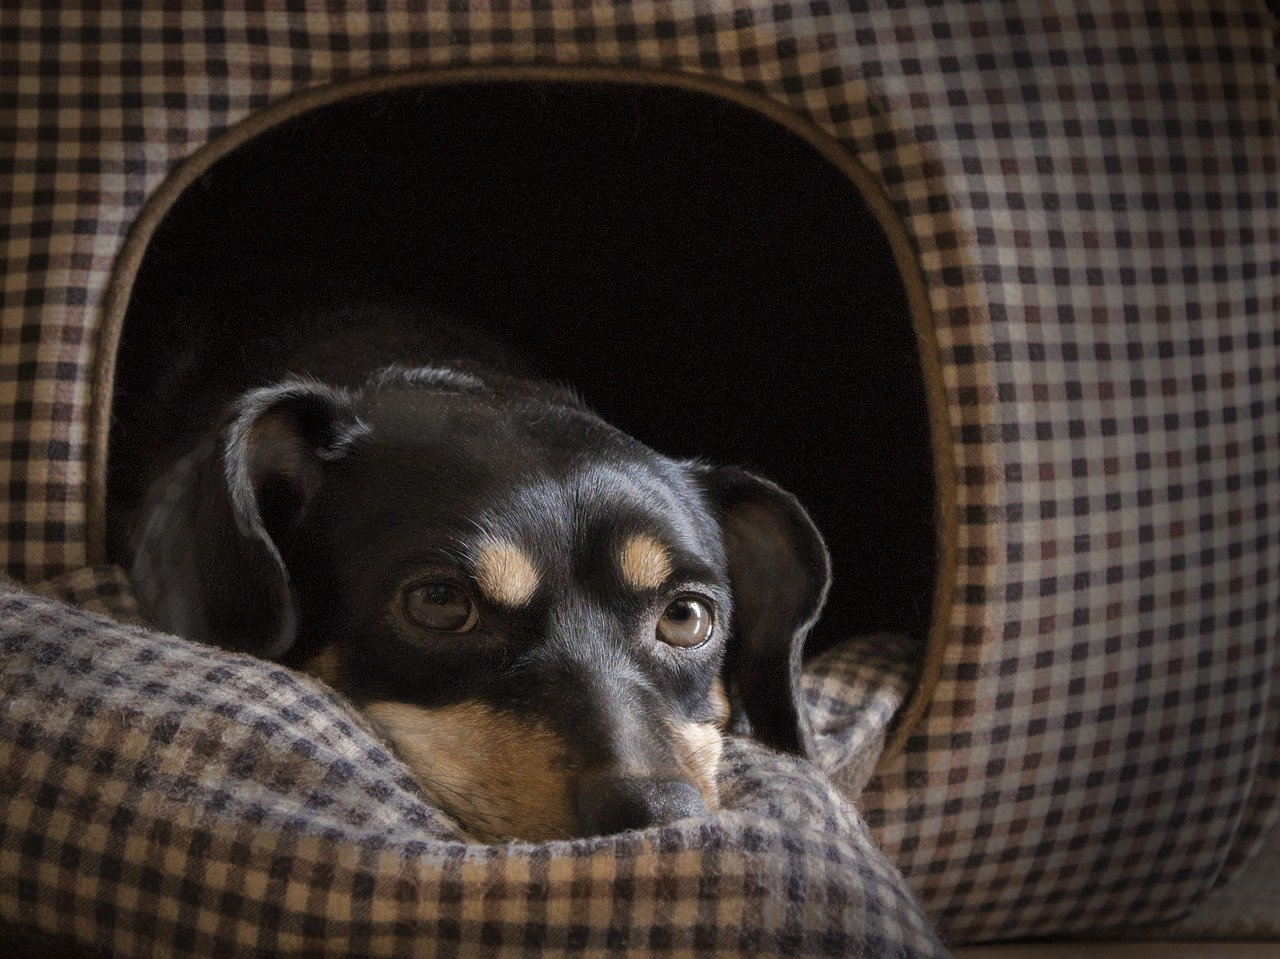 cagnolino con occhi tristi